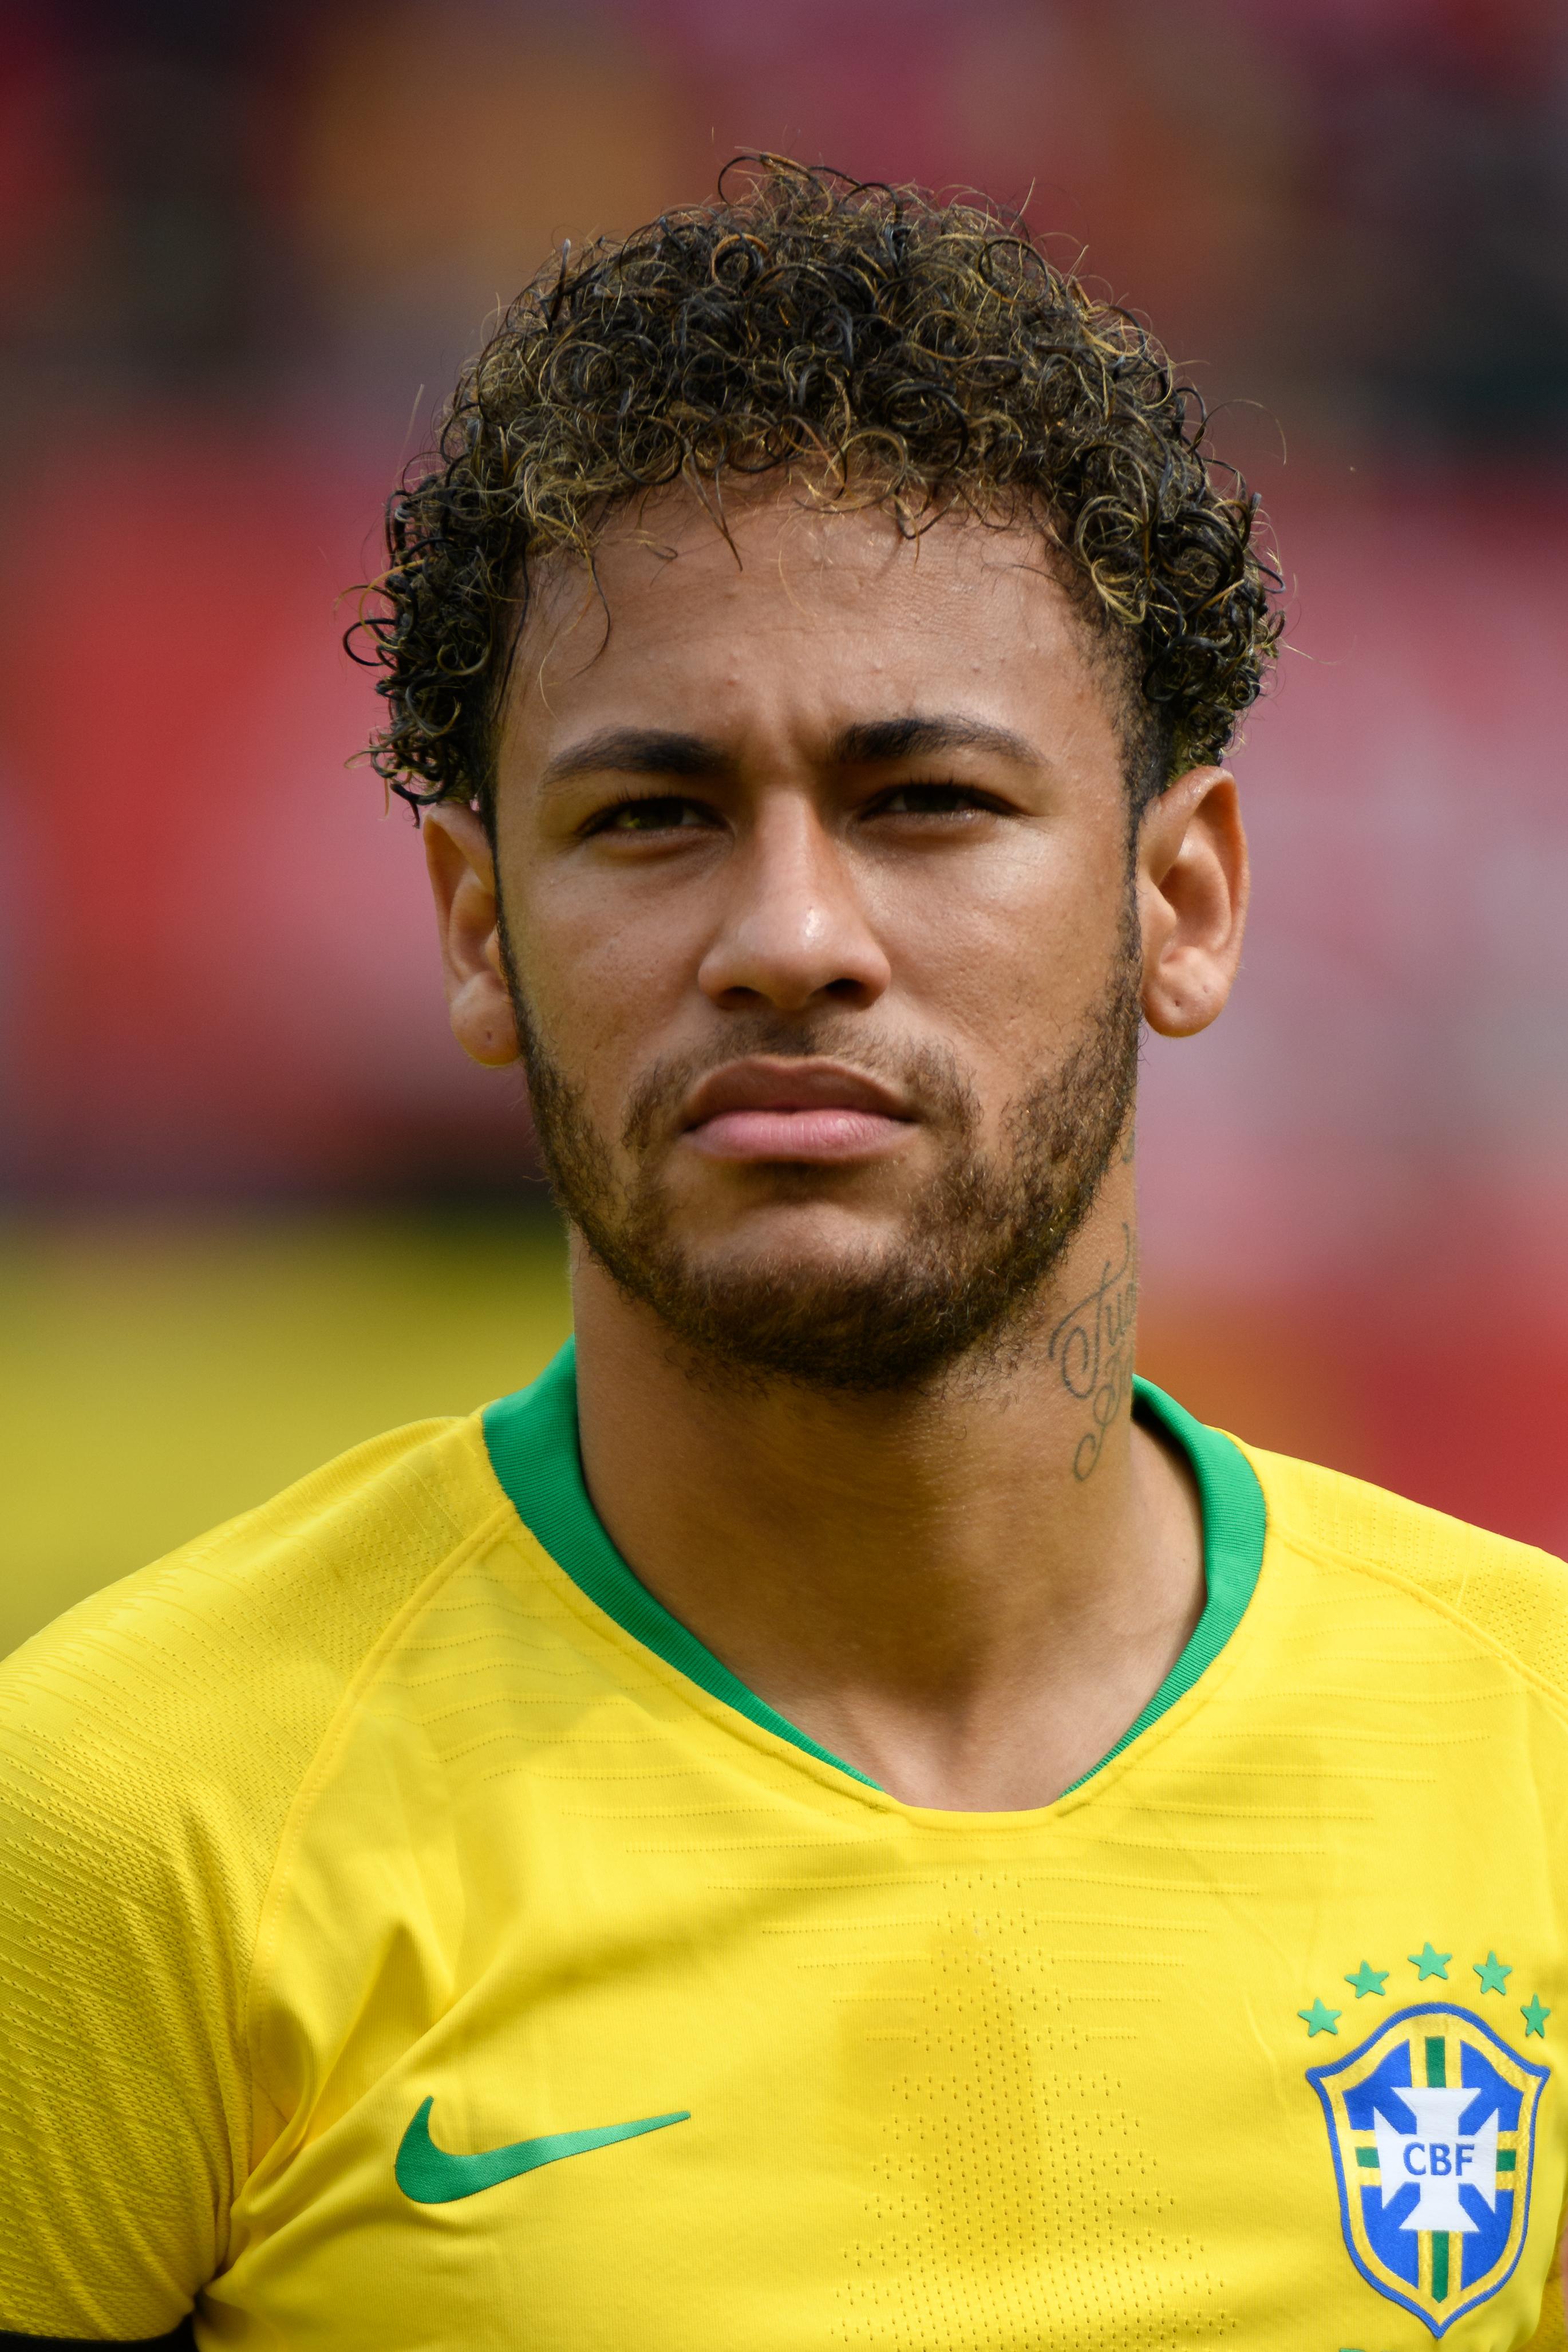 Veja o que saiu no Migalhas sobre Neymar